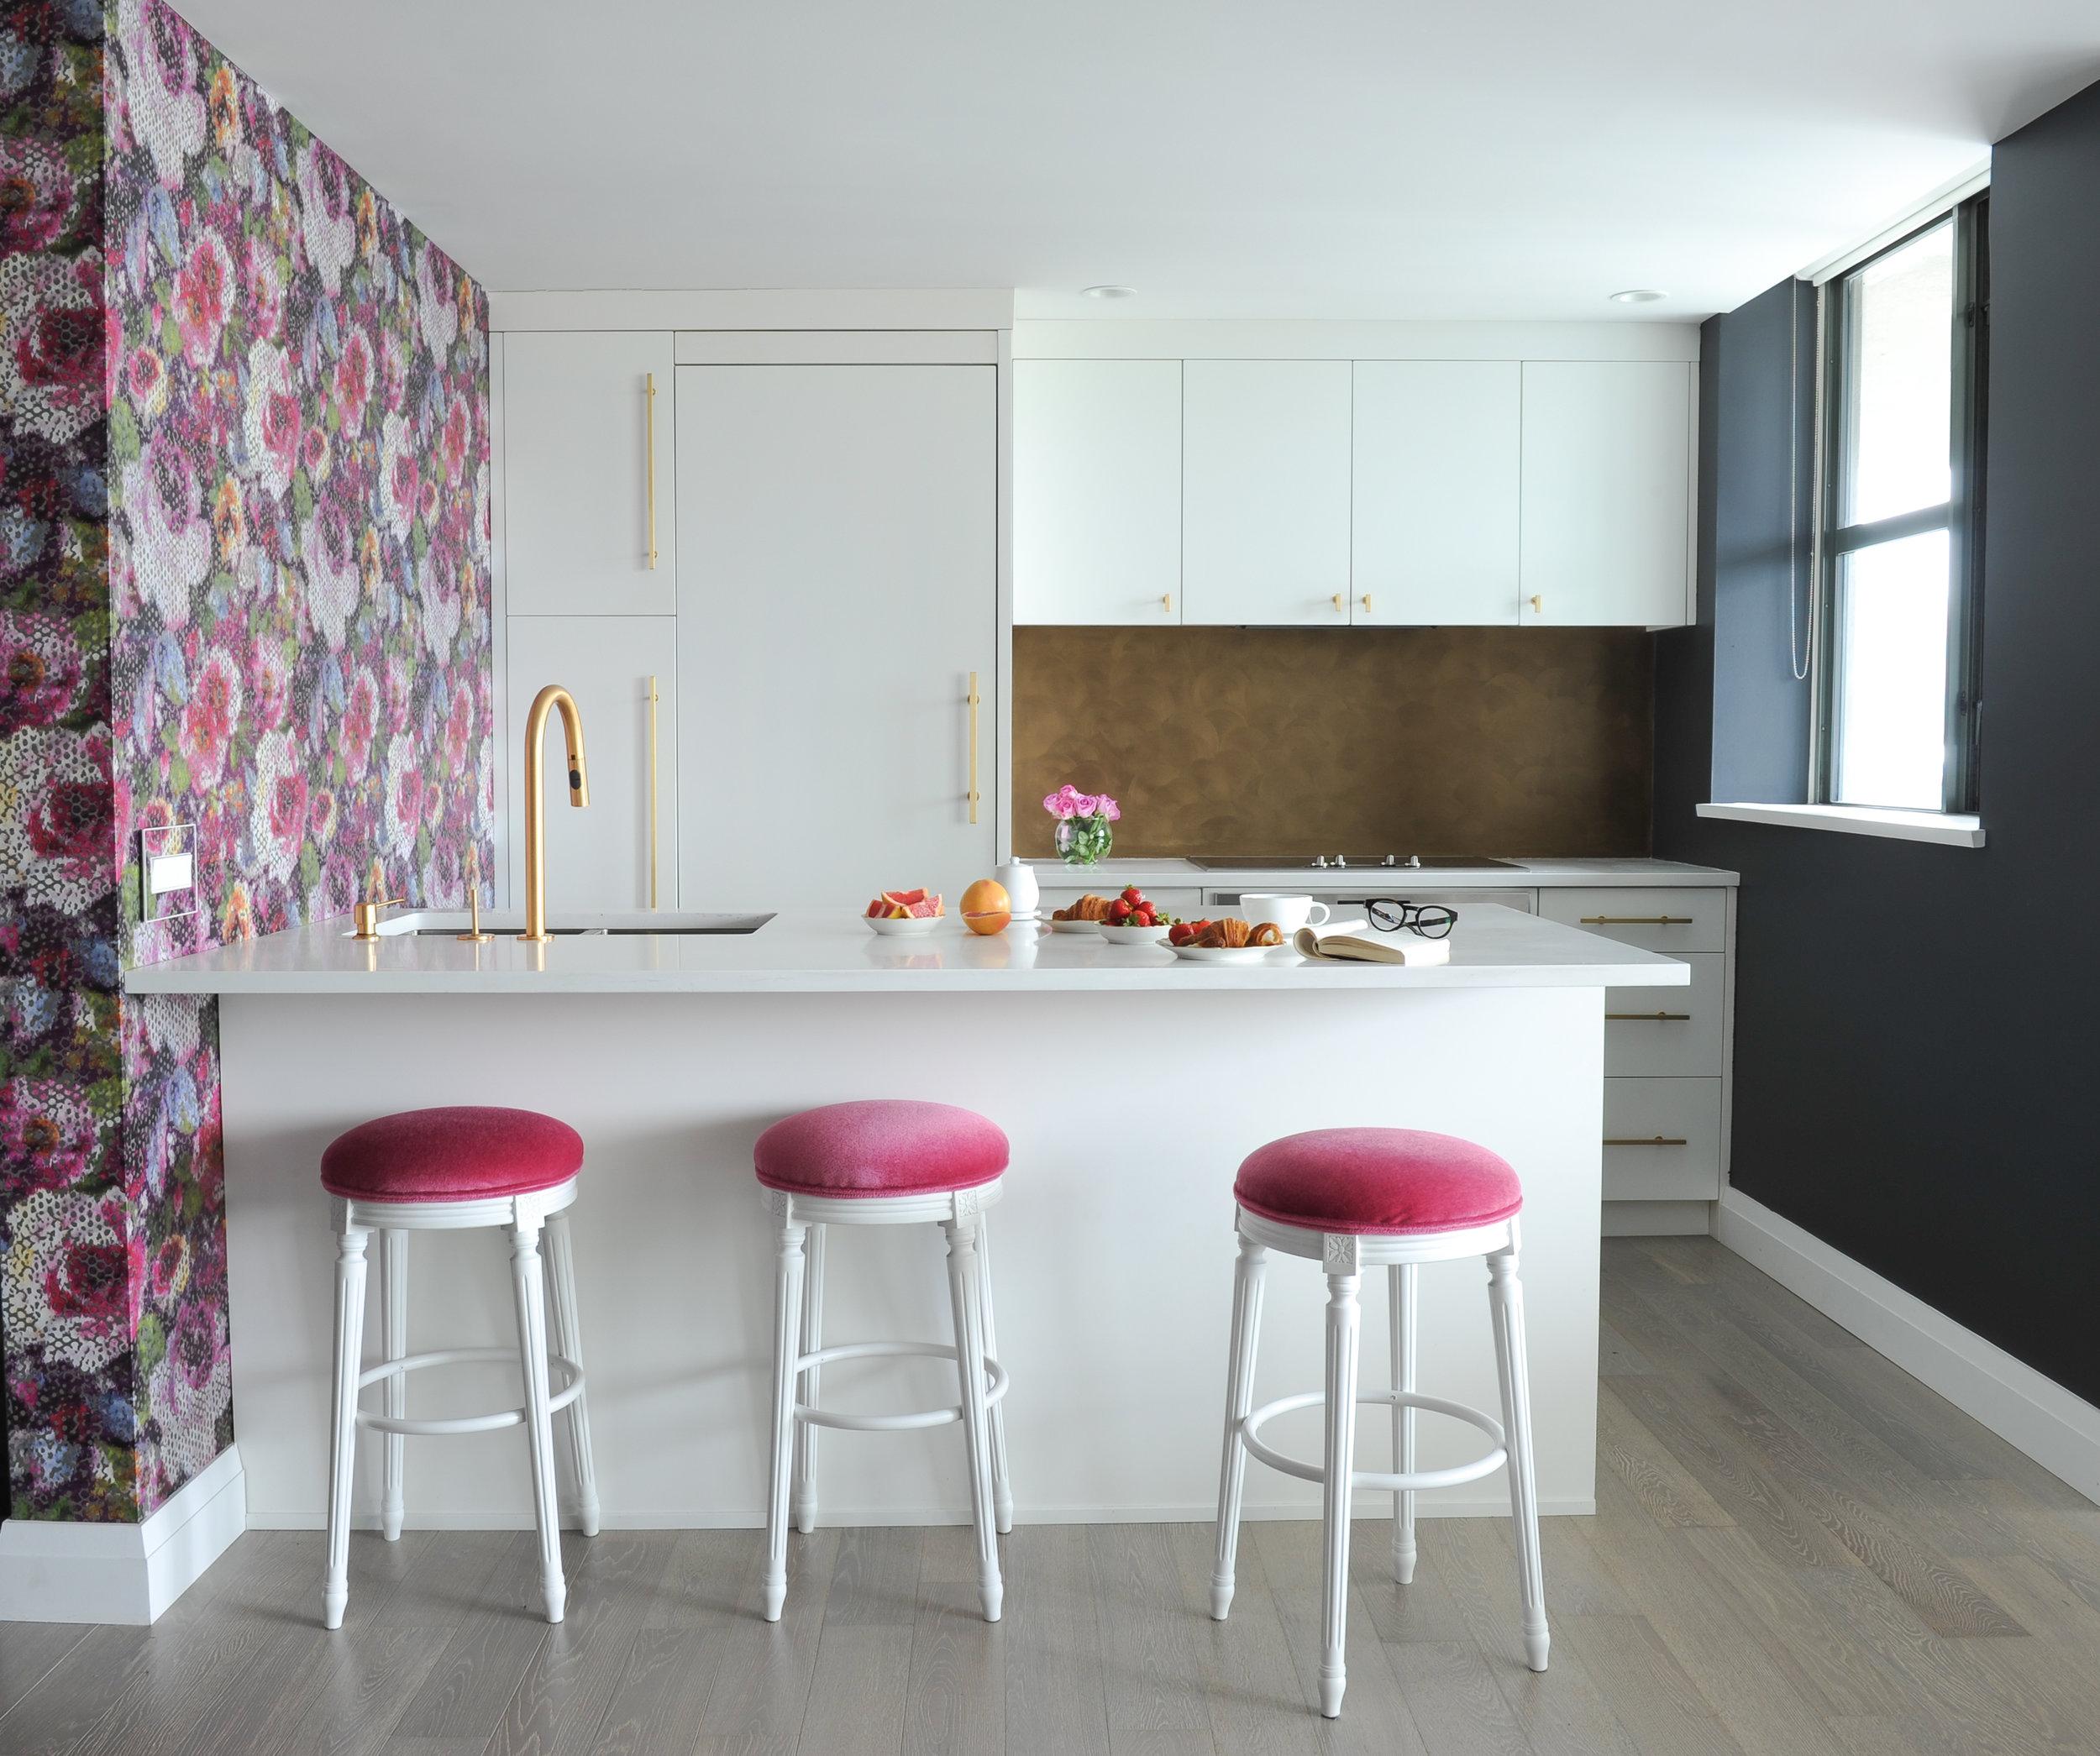 Colourful & Contemporary Kitchen Design